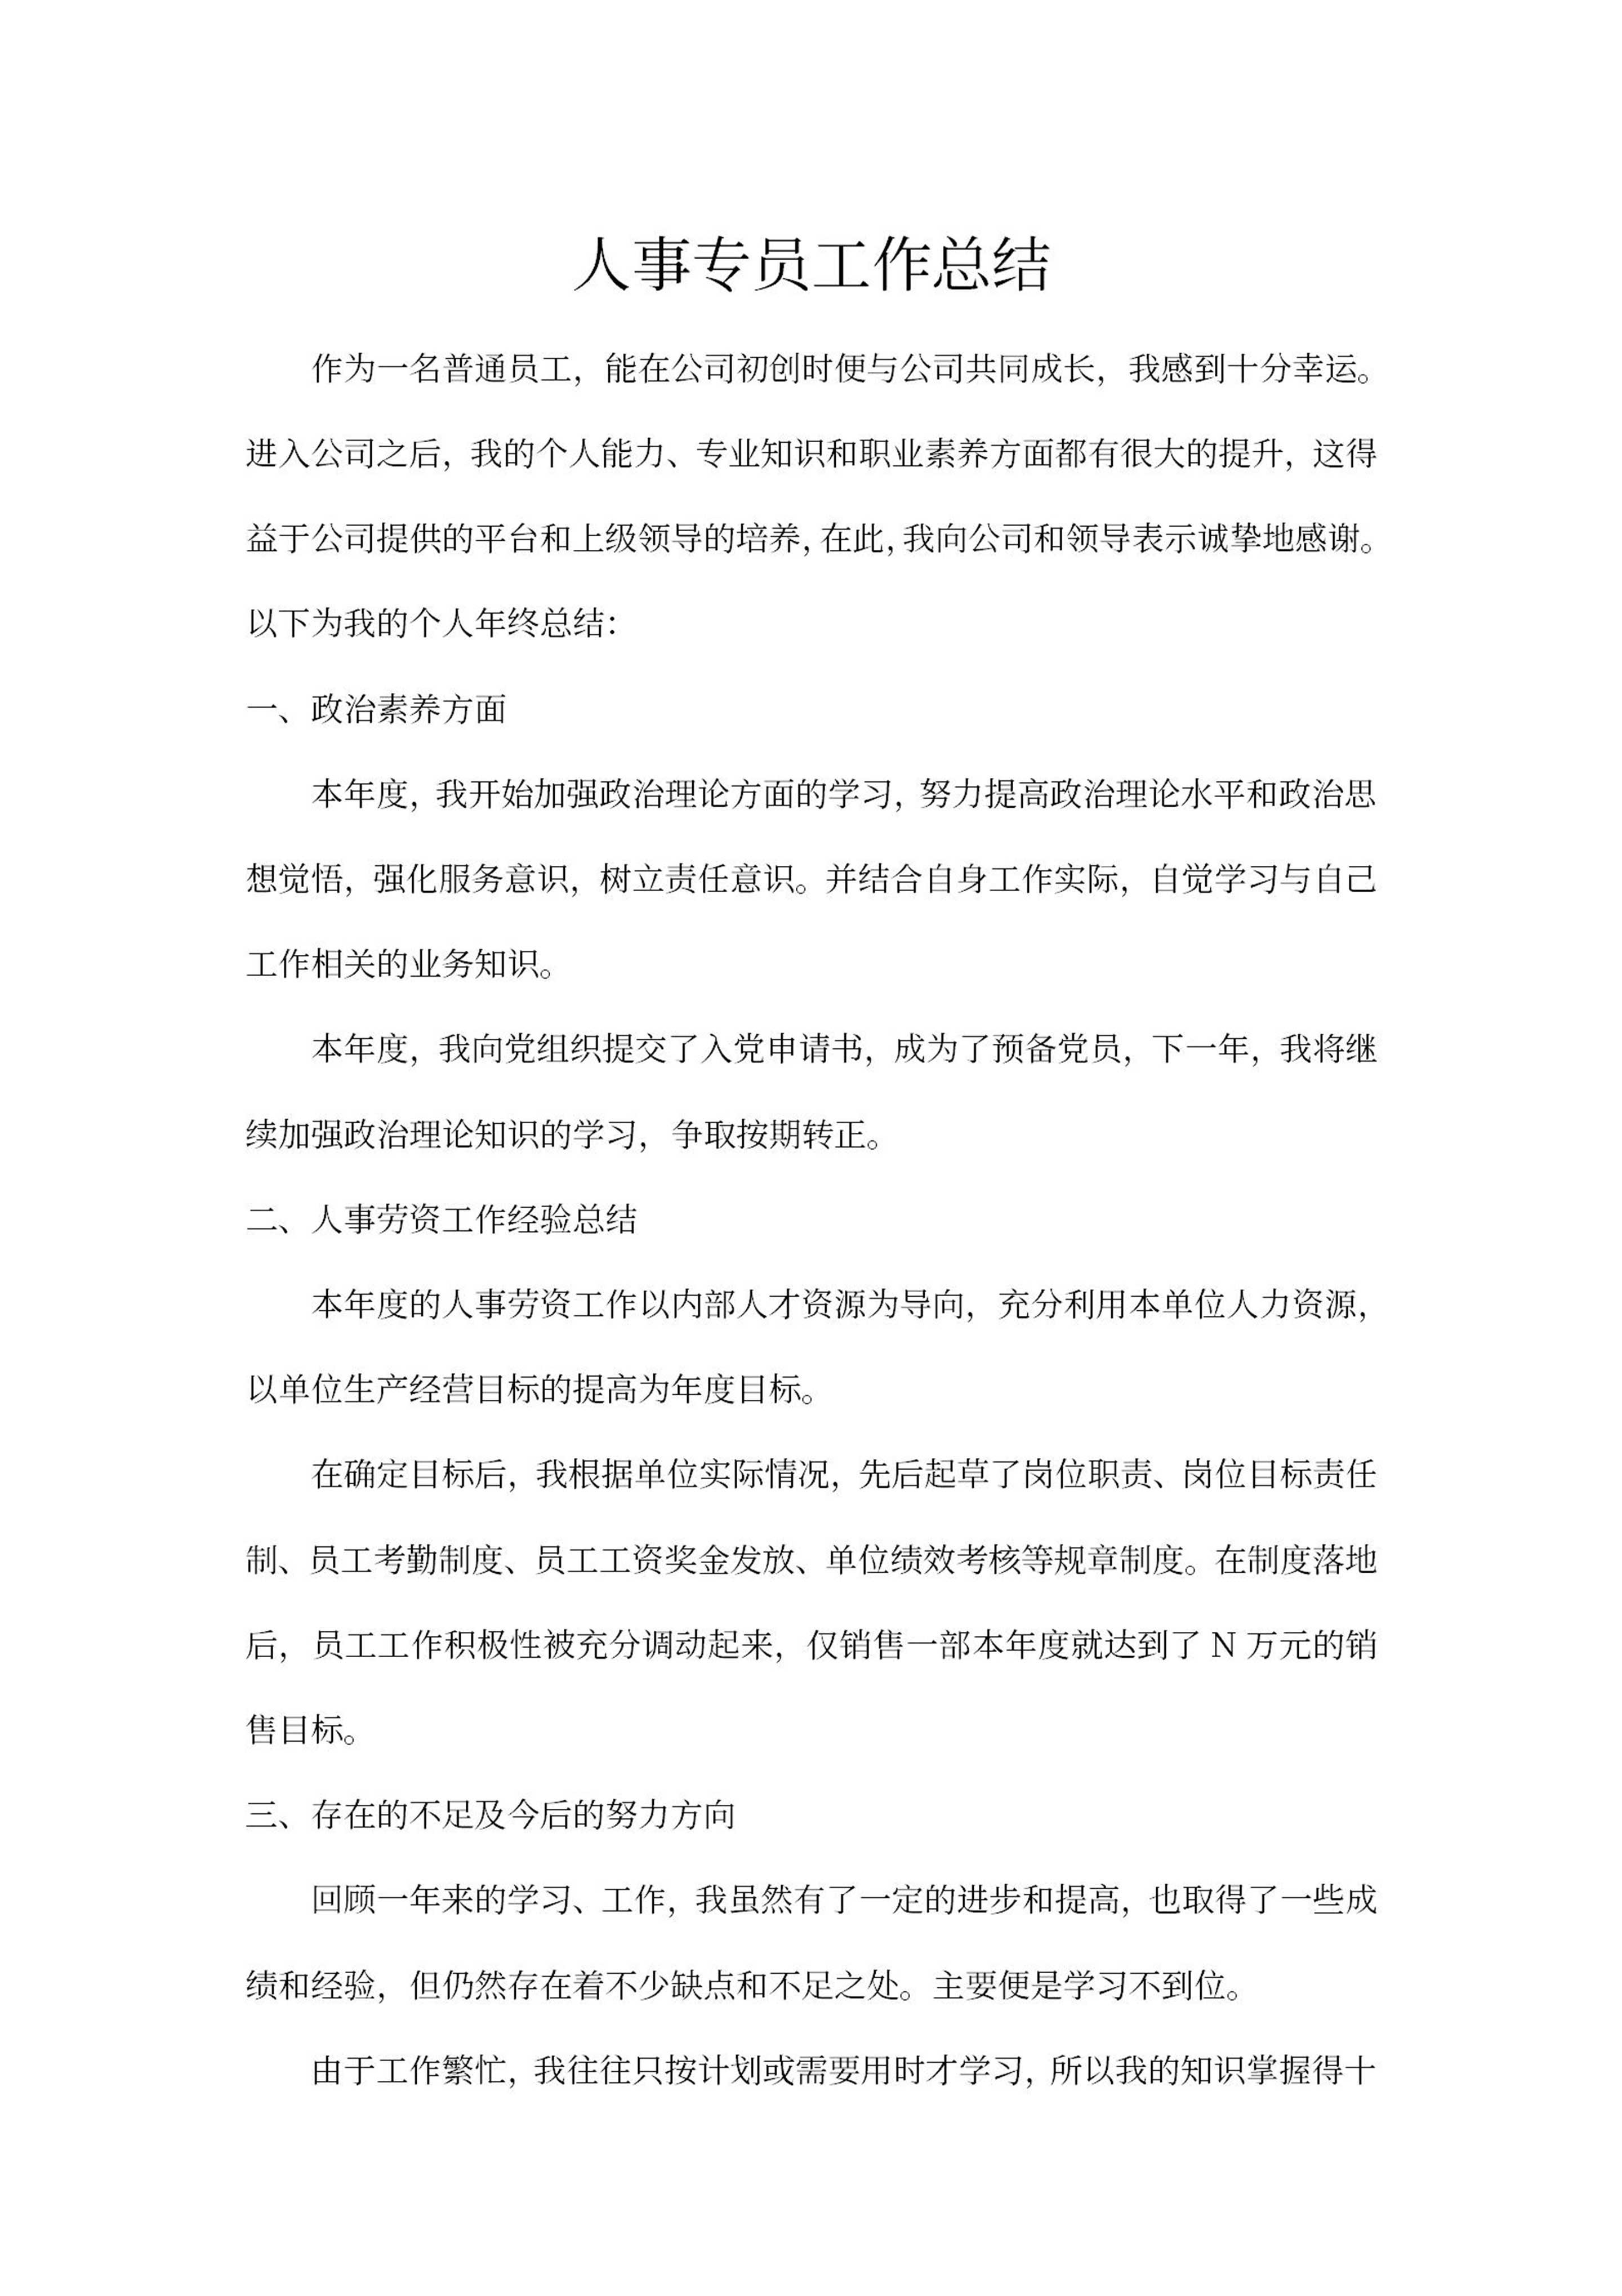 公司人事工作总结word模板